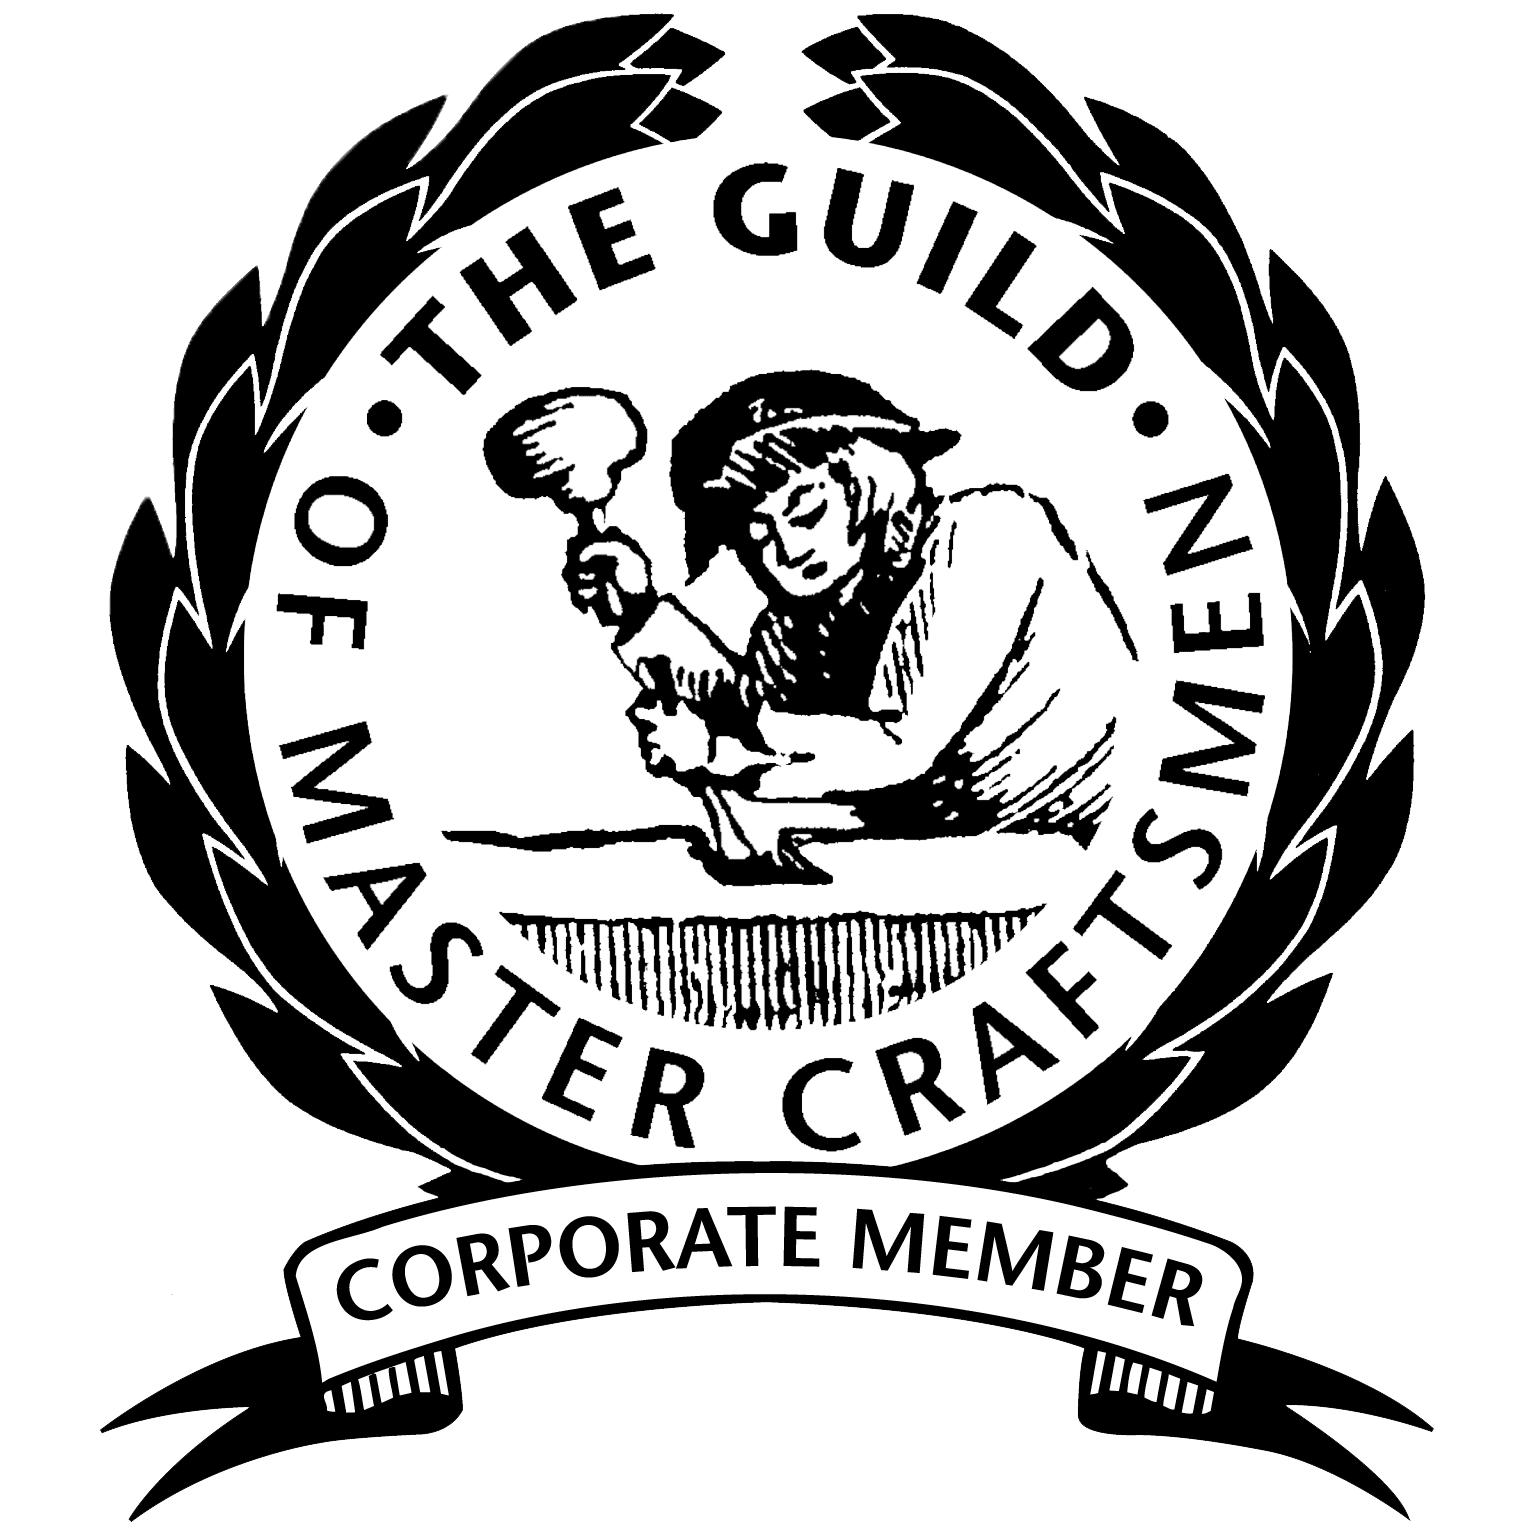 guild-of-master-craftsmen-logo